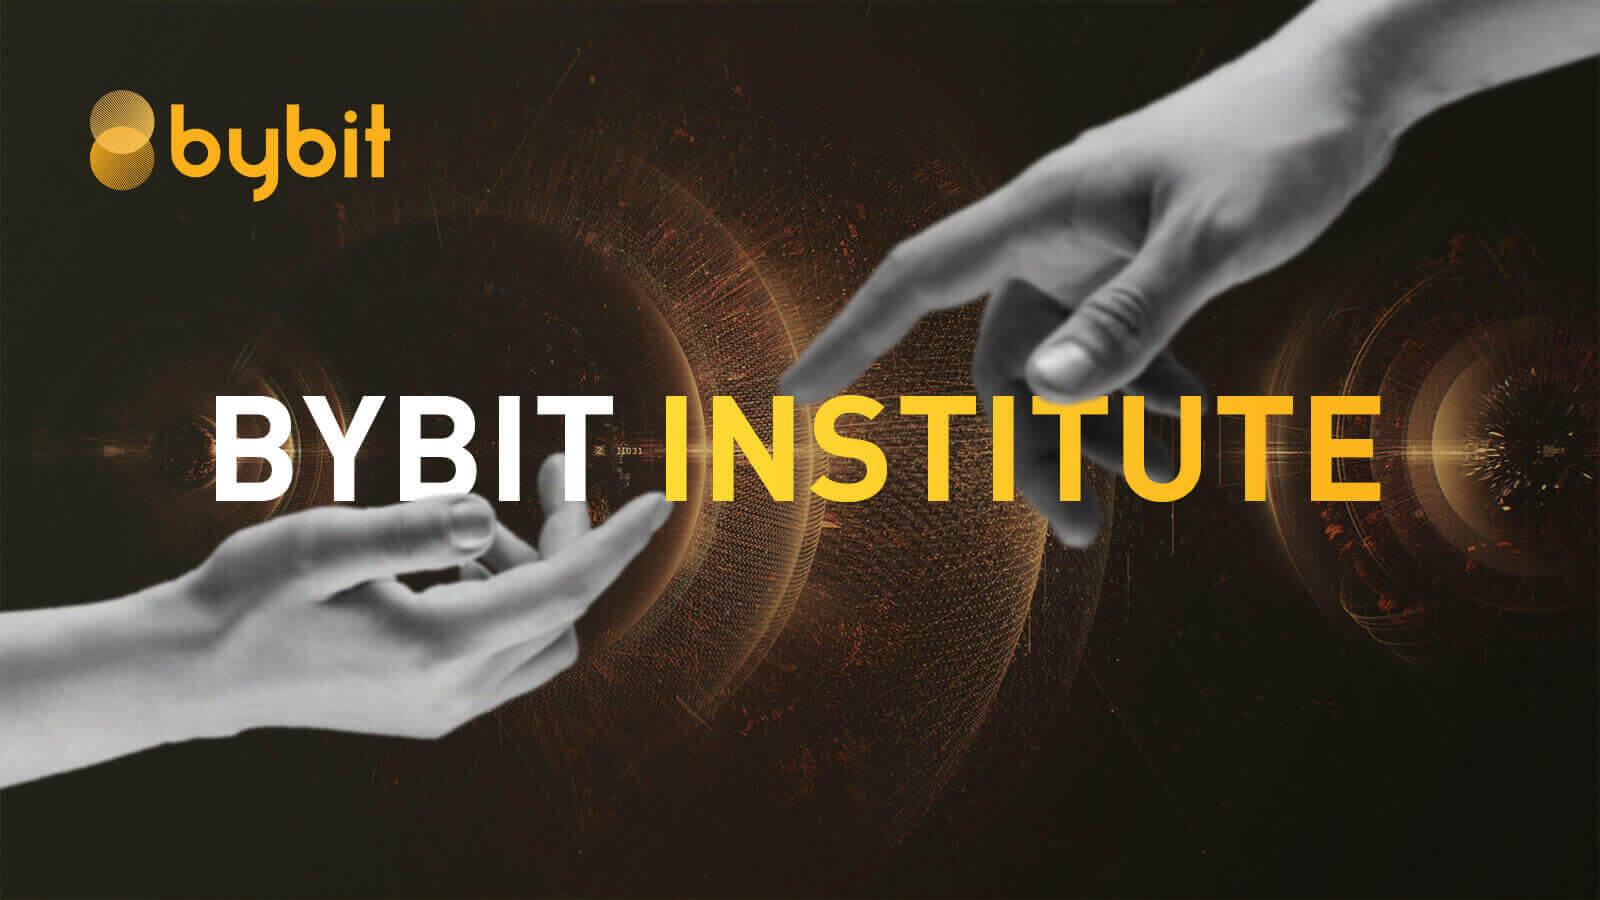 Bybit Institute